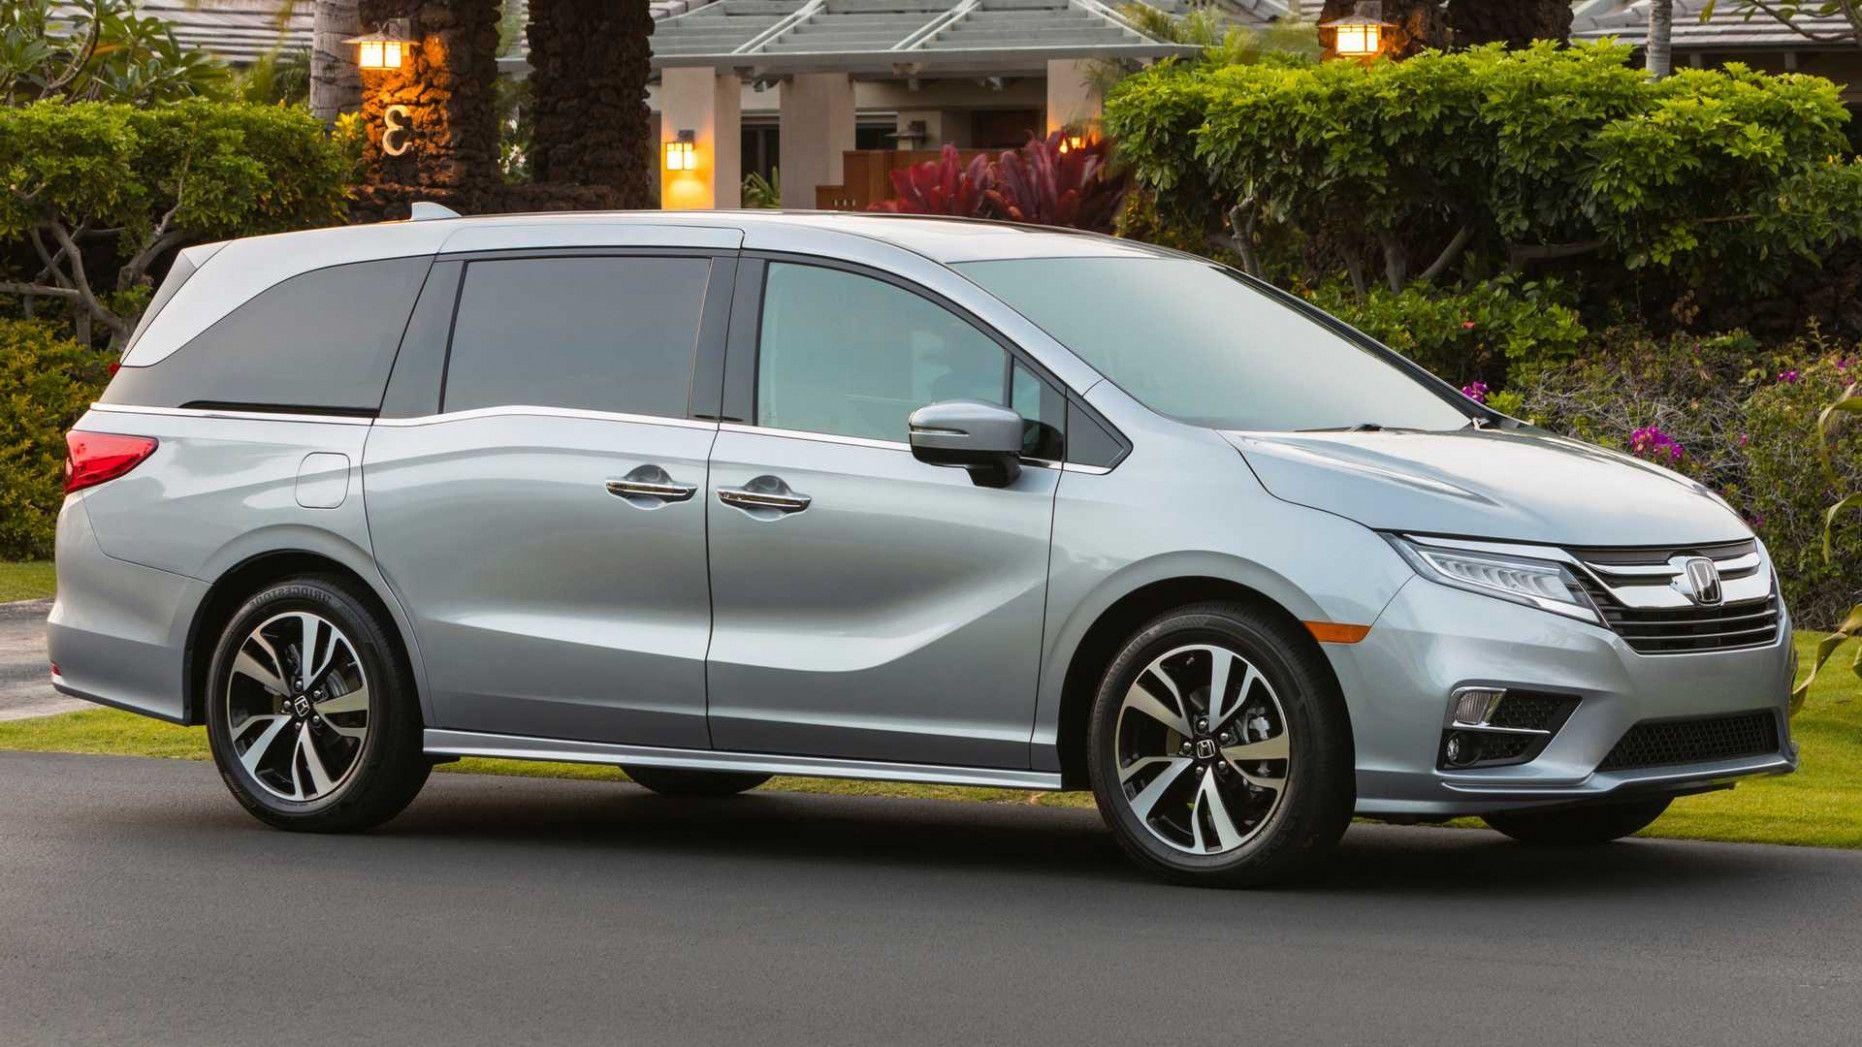 15 2020 Honda Van That Had Gone Way Too Far Honda Odyssey For Sale Honda Odyssey Touring Honda Van